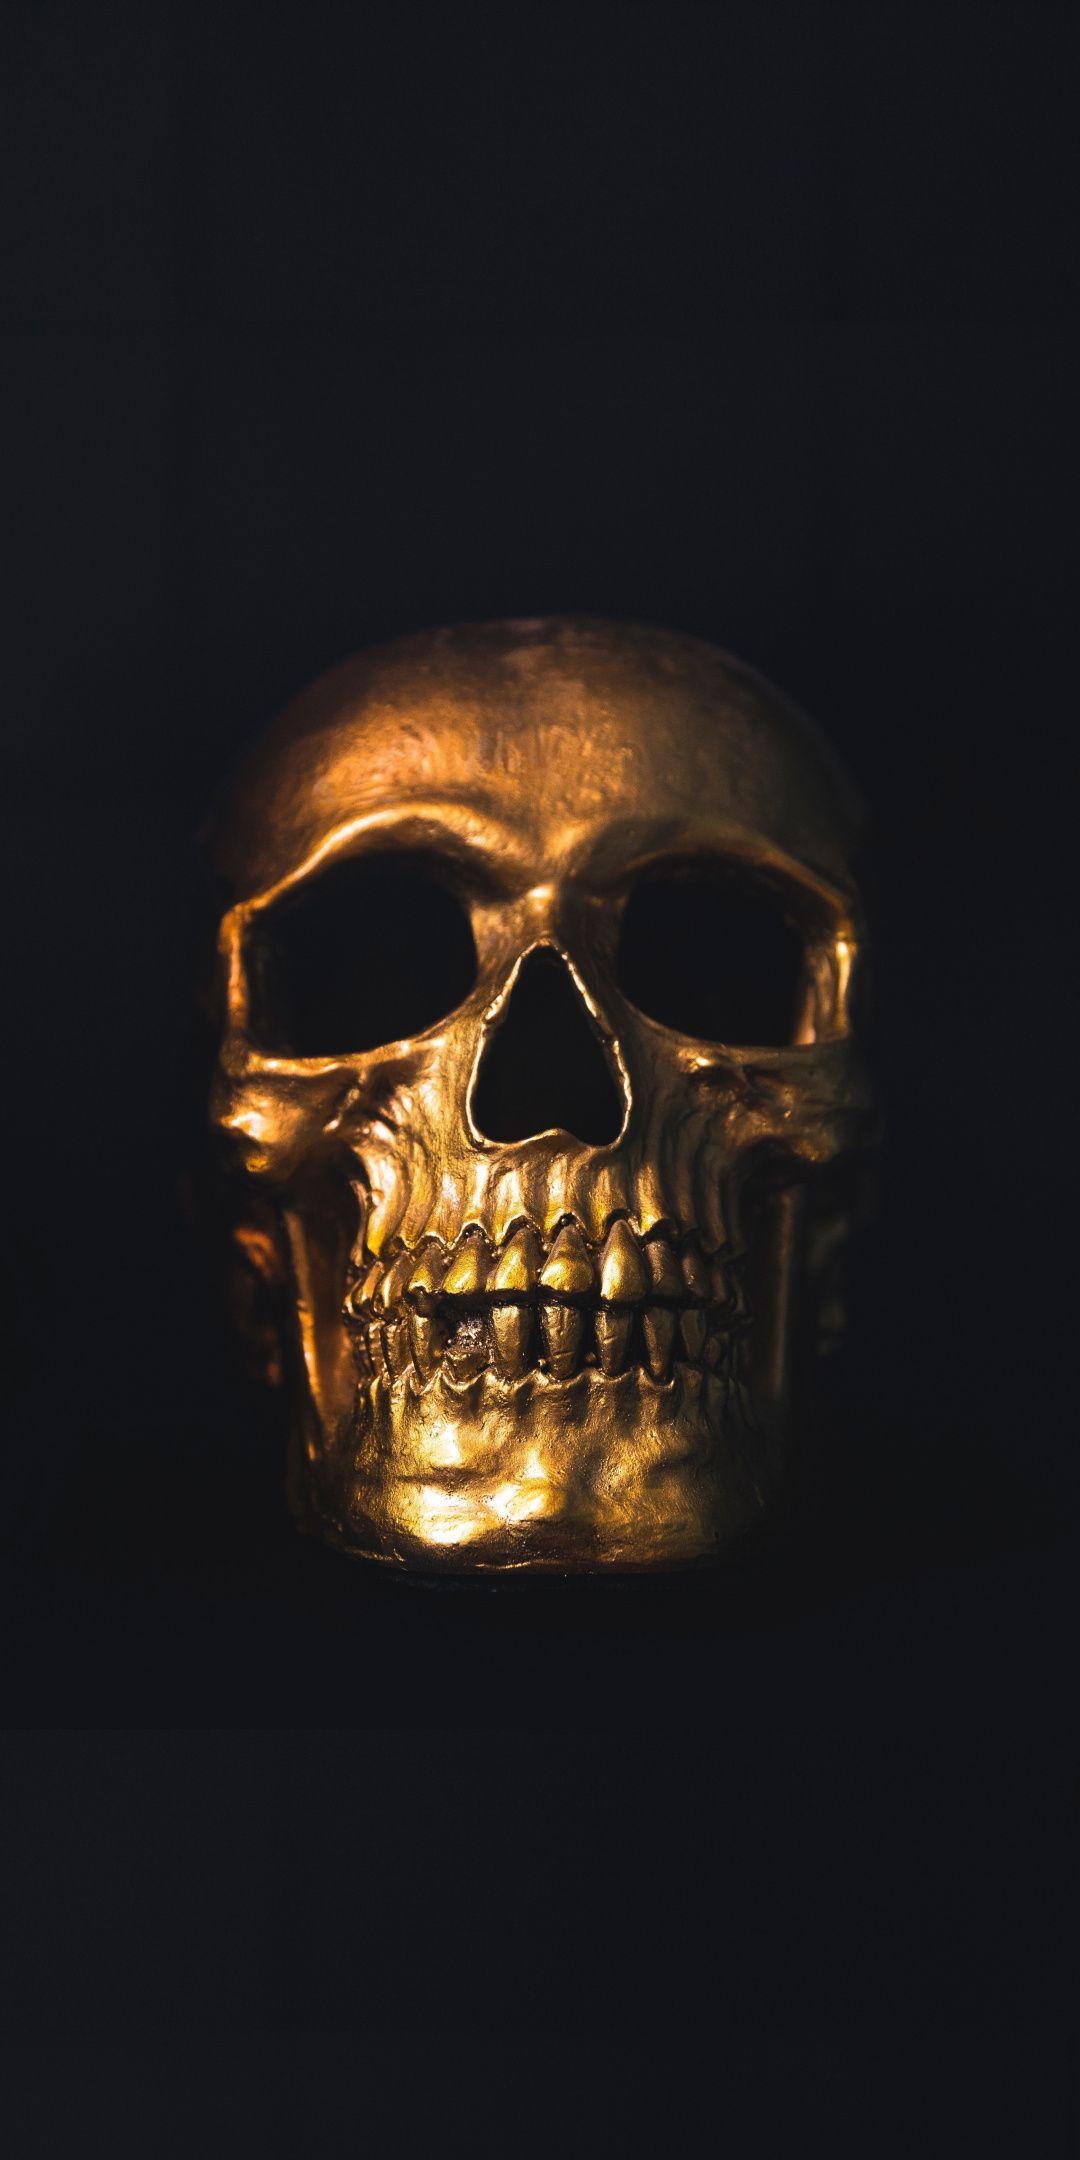 Golden Skull Minimal 1080x2160 Wallpaper Black Skulls Wallpaper Skull Artwork Skull Wallpaper